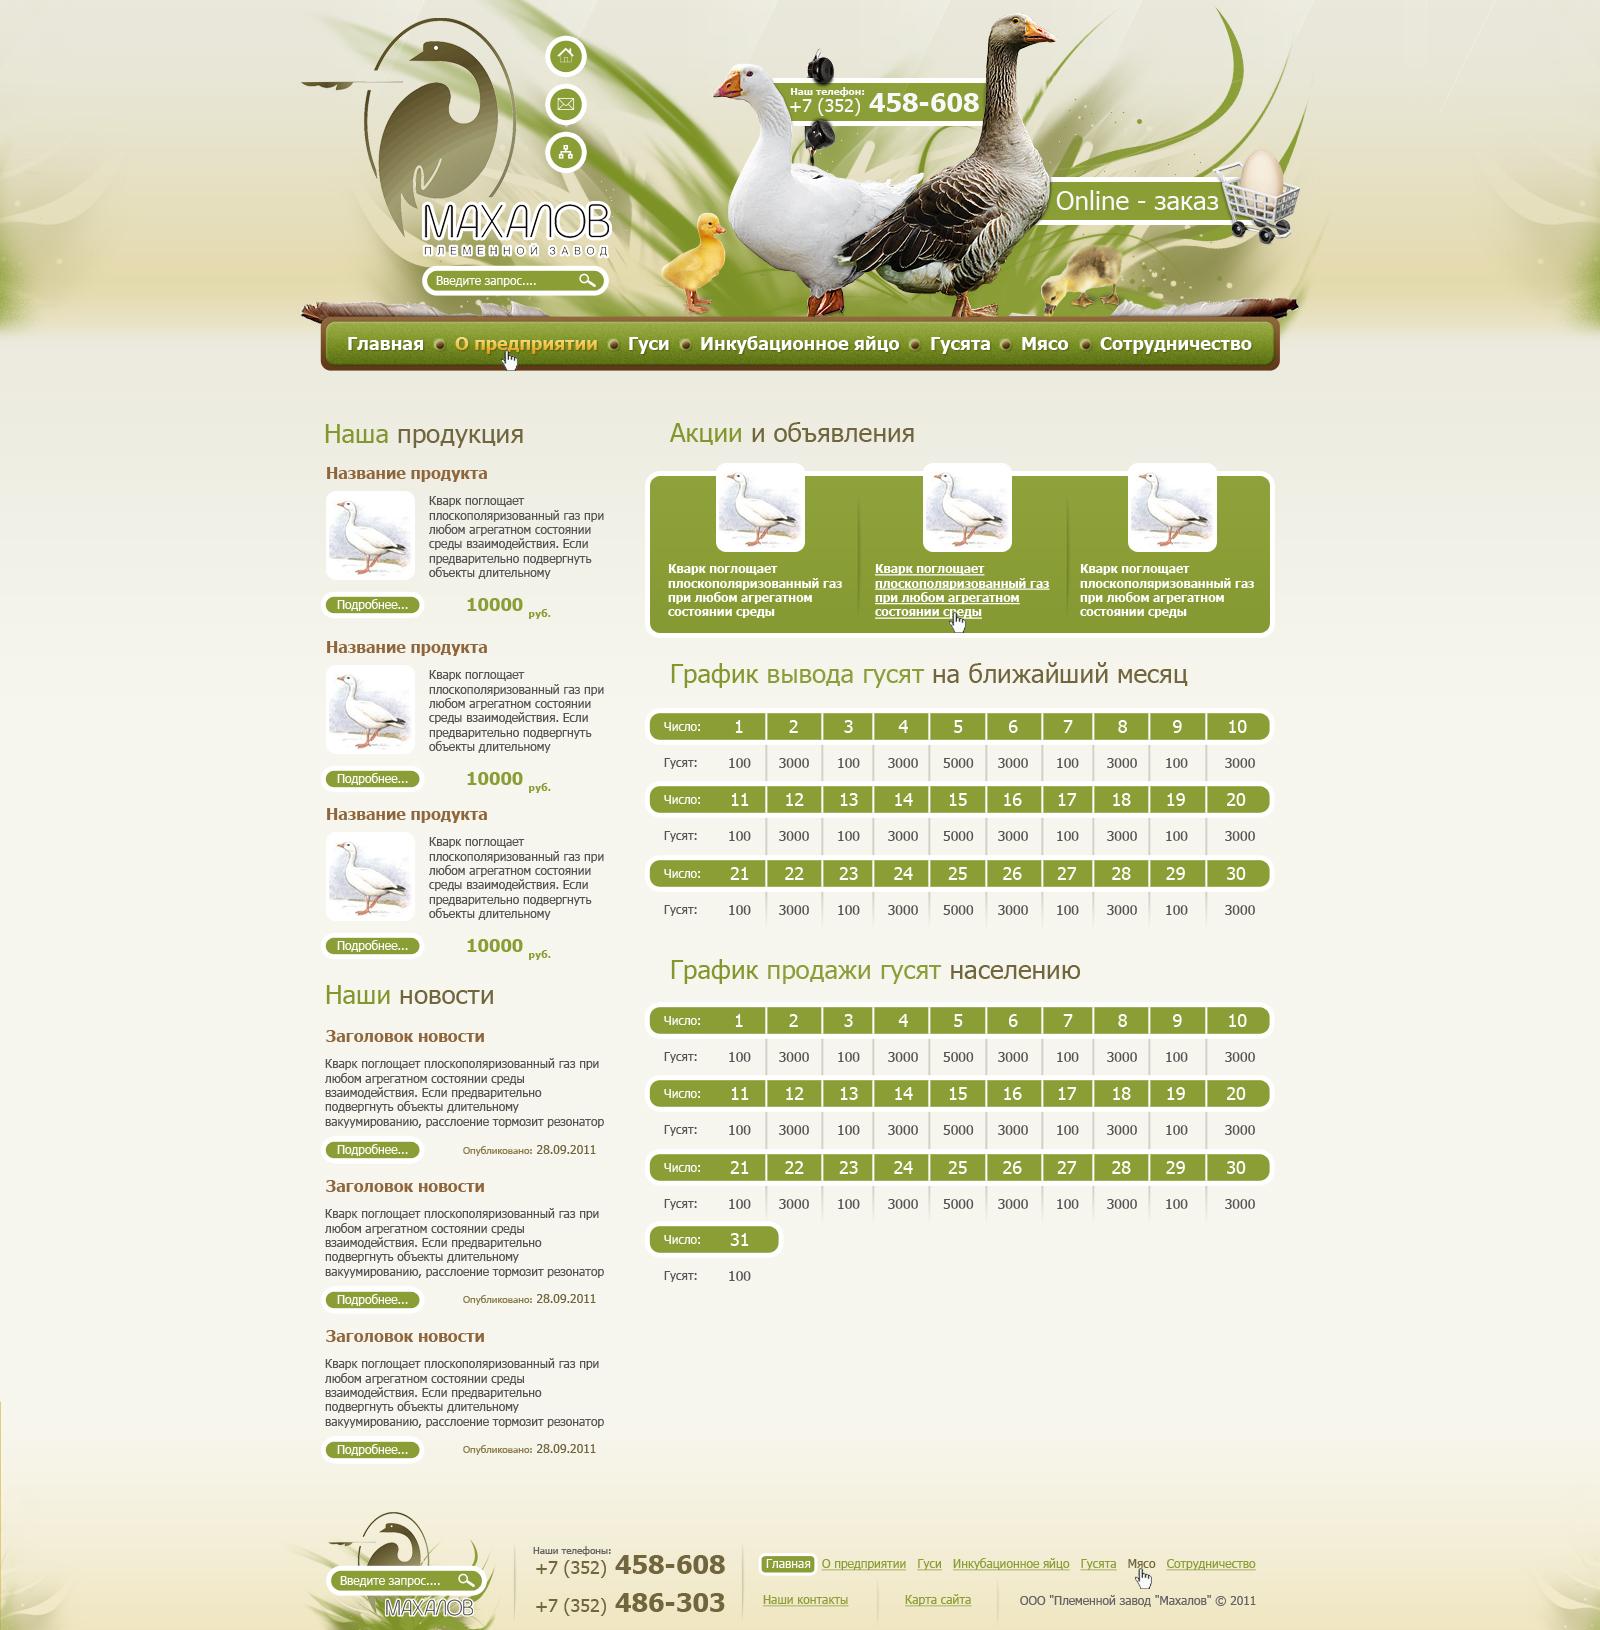 Редизайн сайта. фото f_4e8b0d6209b55.jpg